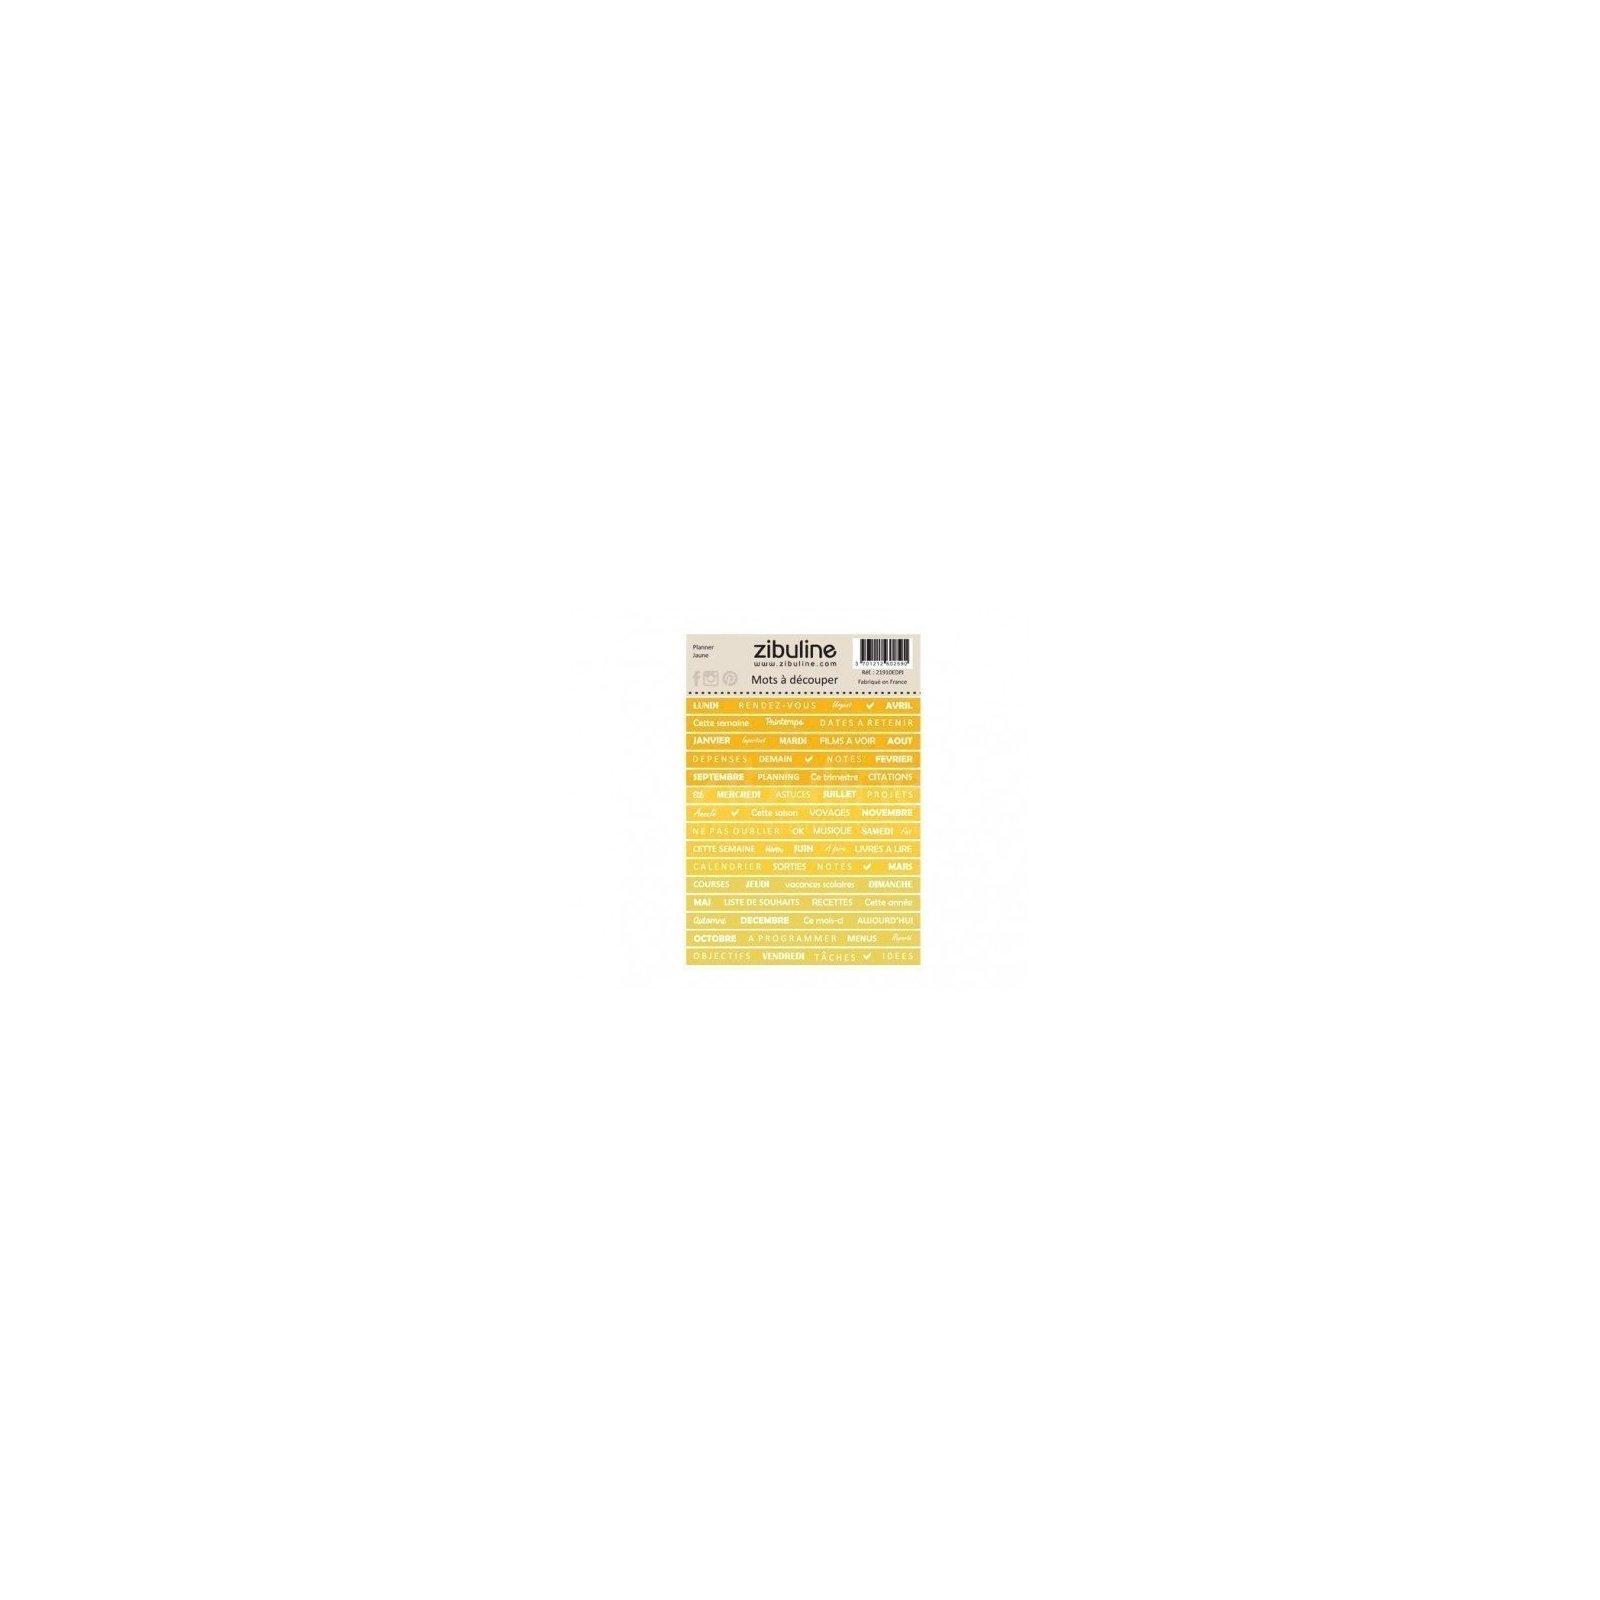 Planche de mots à découper - Planner - Jaune - Zibuline